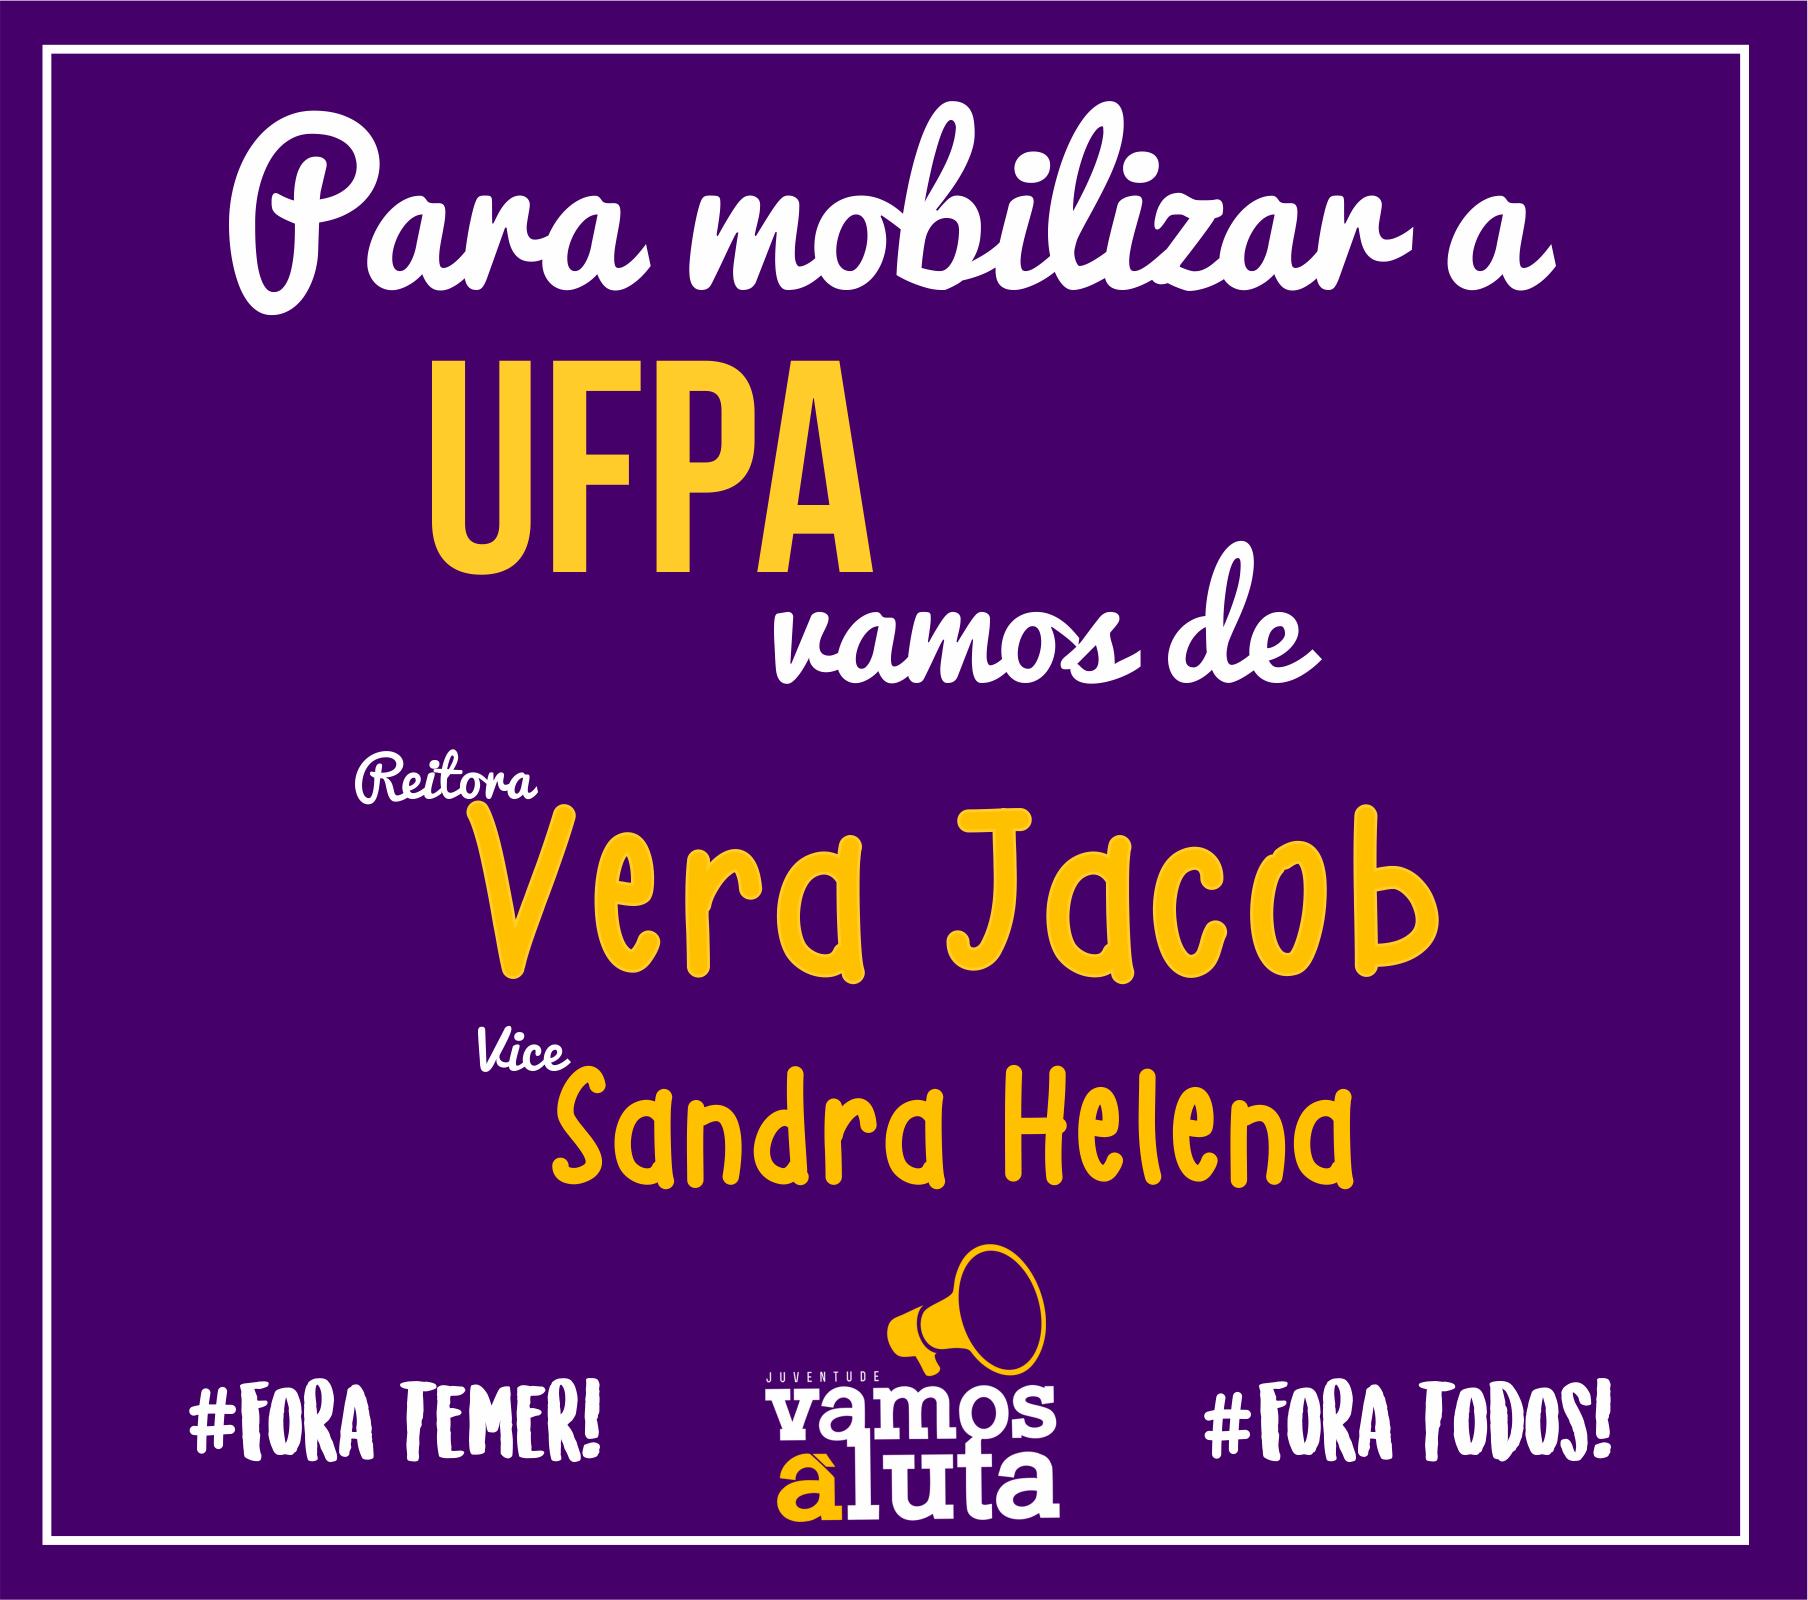 reitoria UFPA